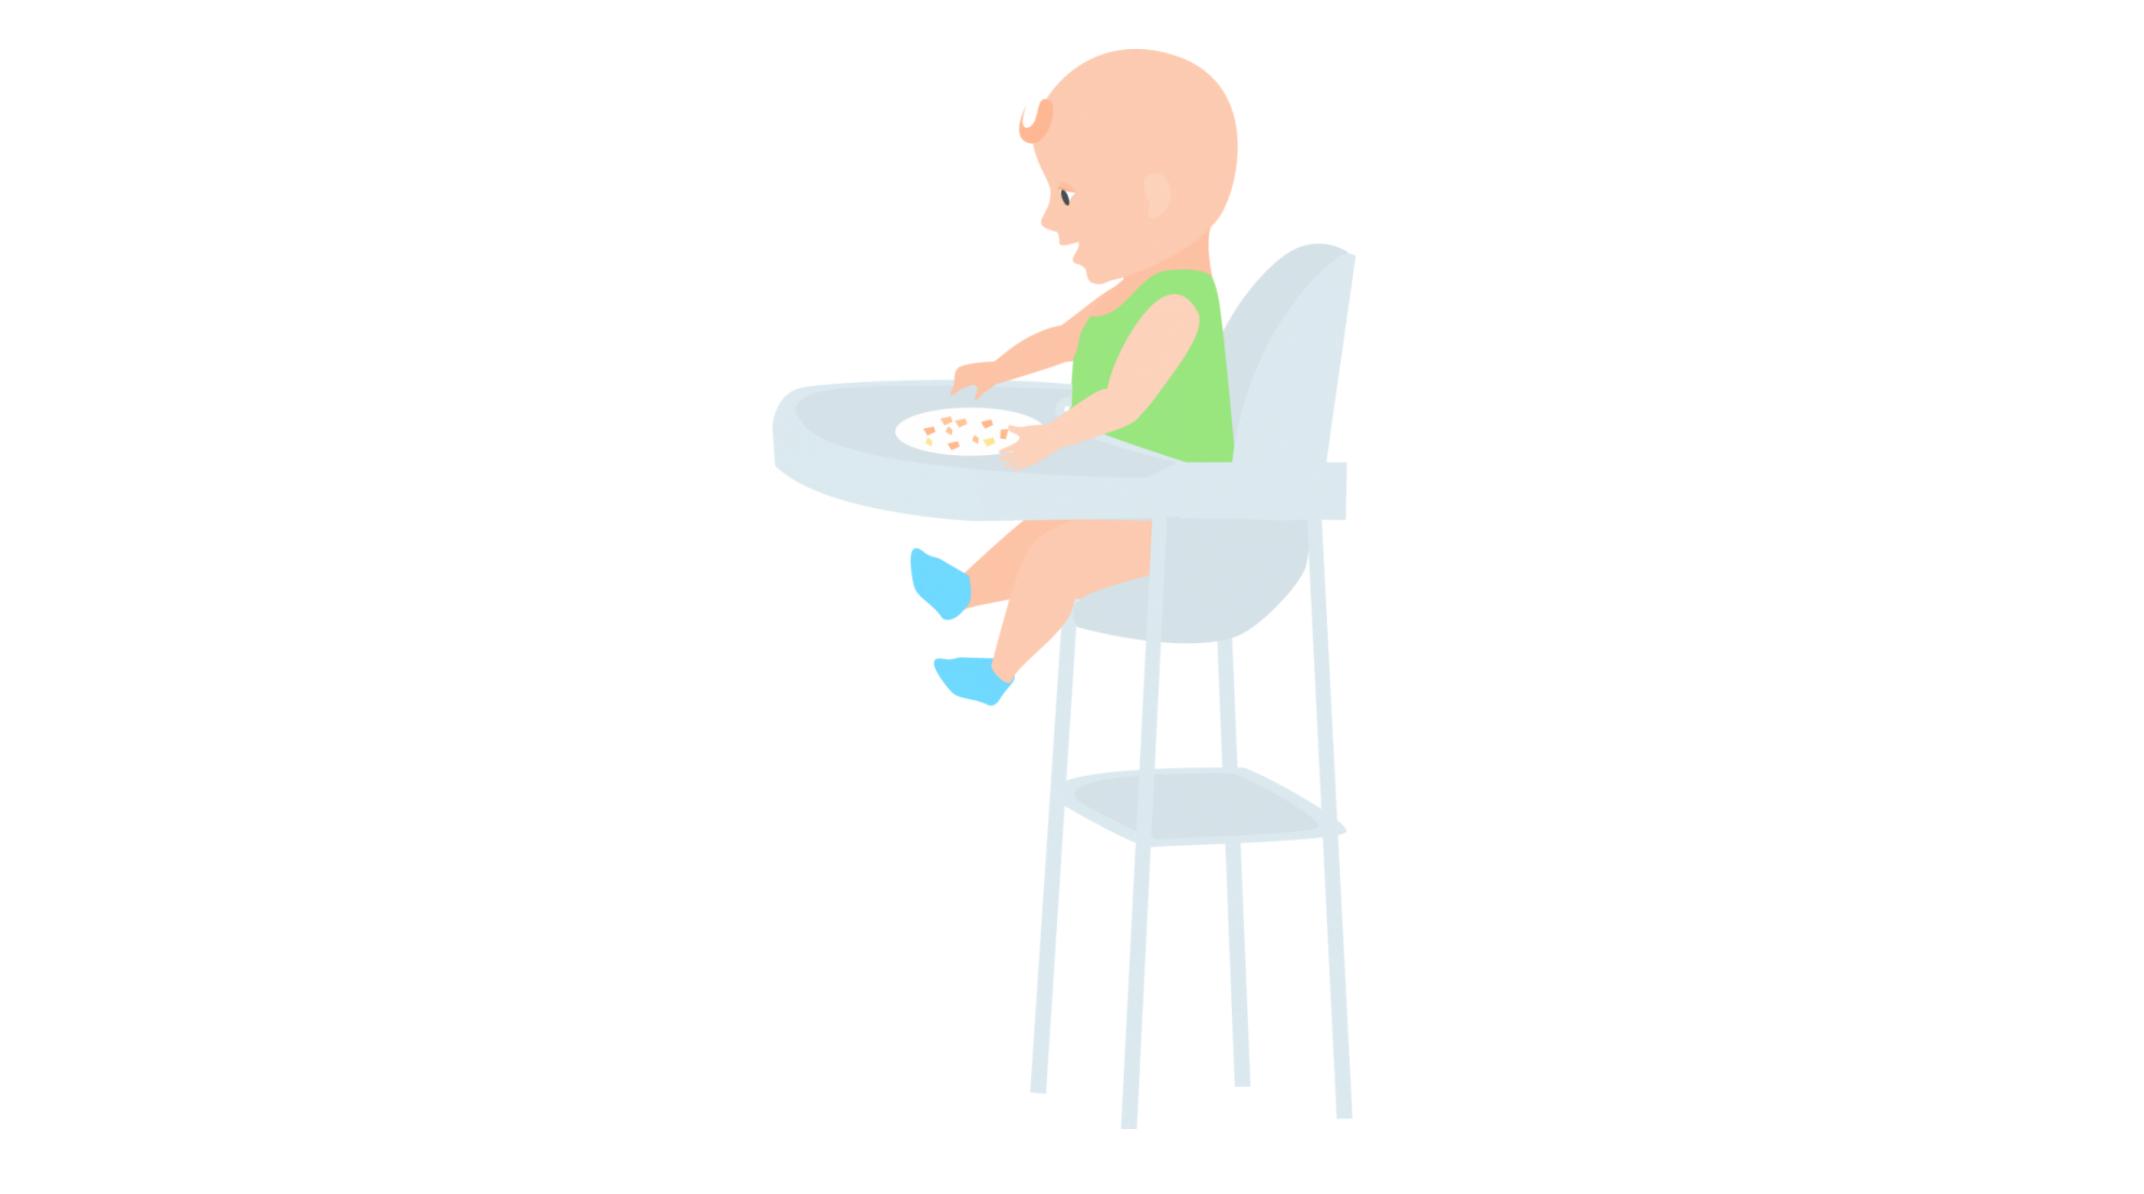 ८  महीने के बच्चे के लिए भारतीय व्यंजनों के साथ डाइट चार्ट